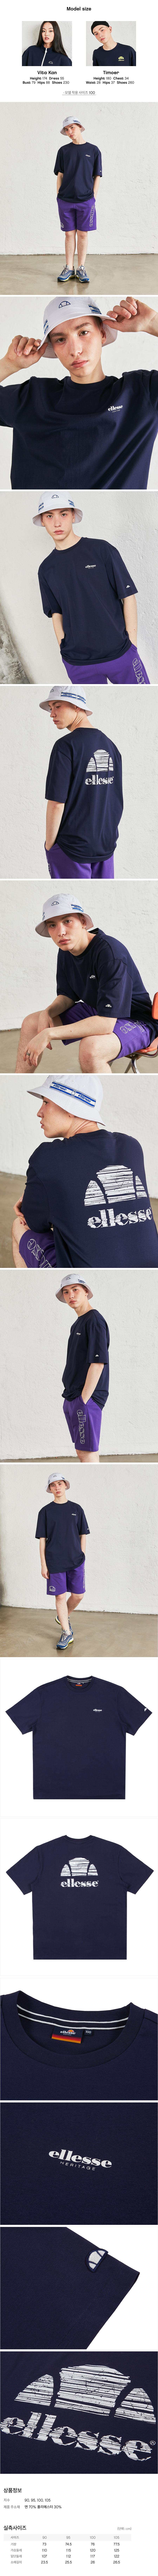 엘레쎄(ELLESSE) 스몰 로고 티셔츠(네이비)EJ2UHTR345